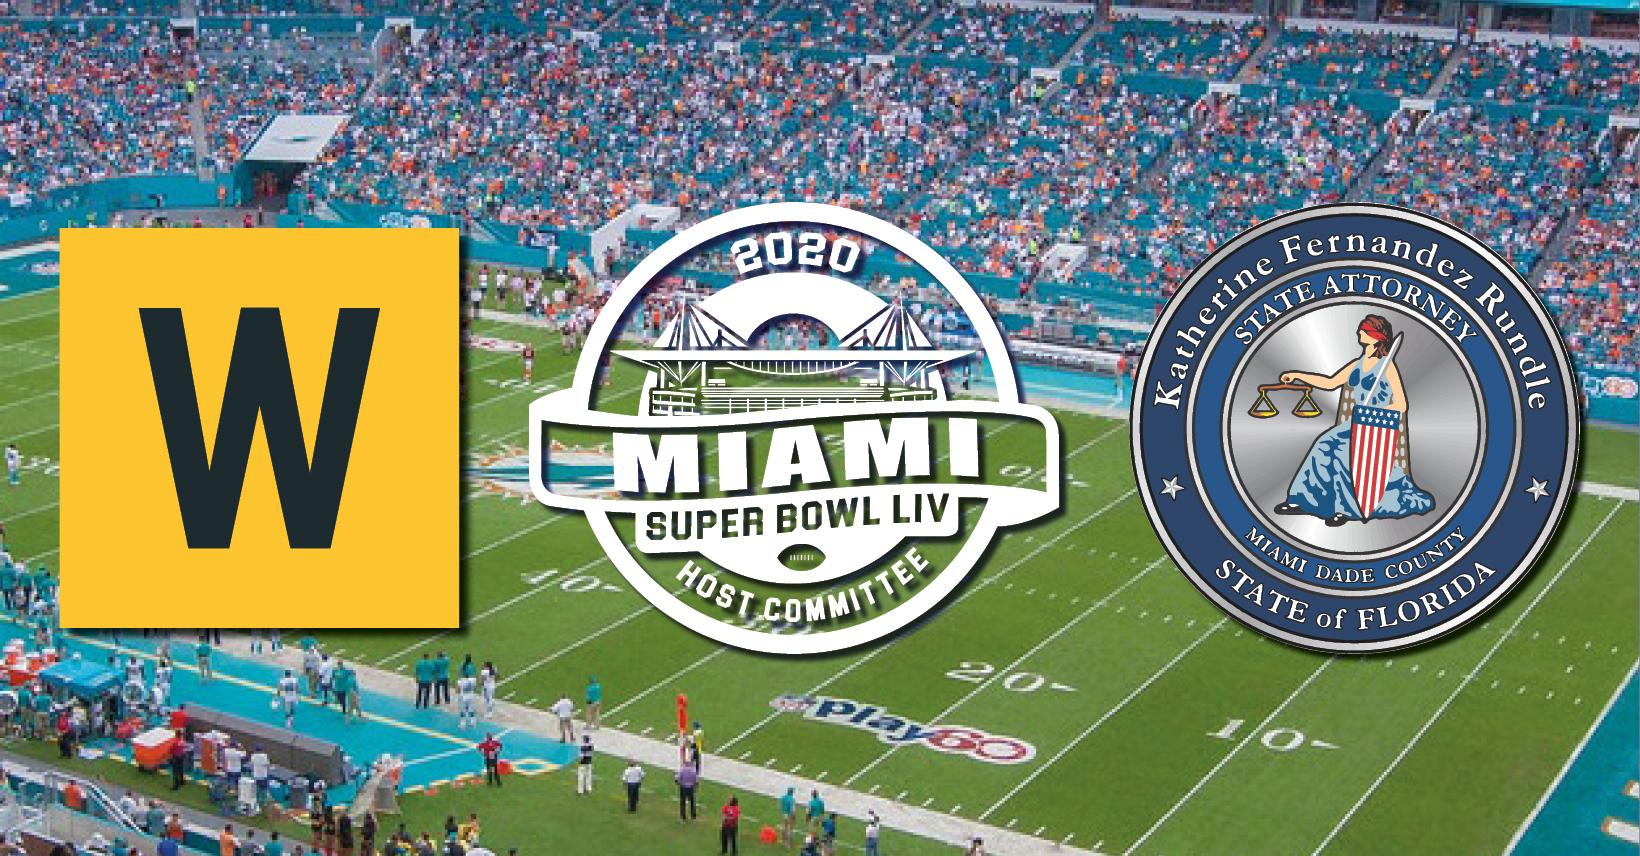 Super Bowl Liv Comes To Miami In 2020 The Women S Fund